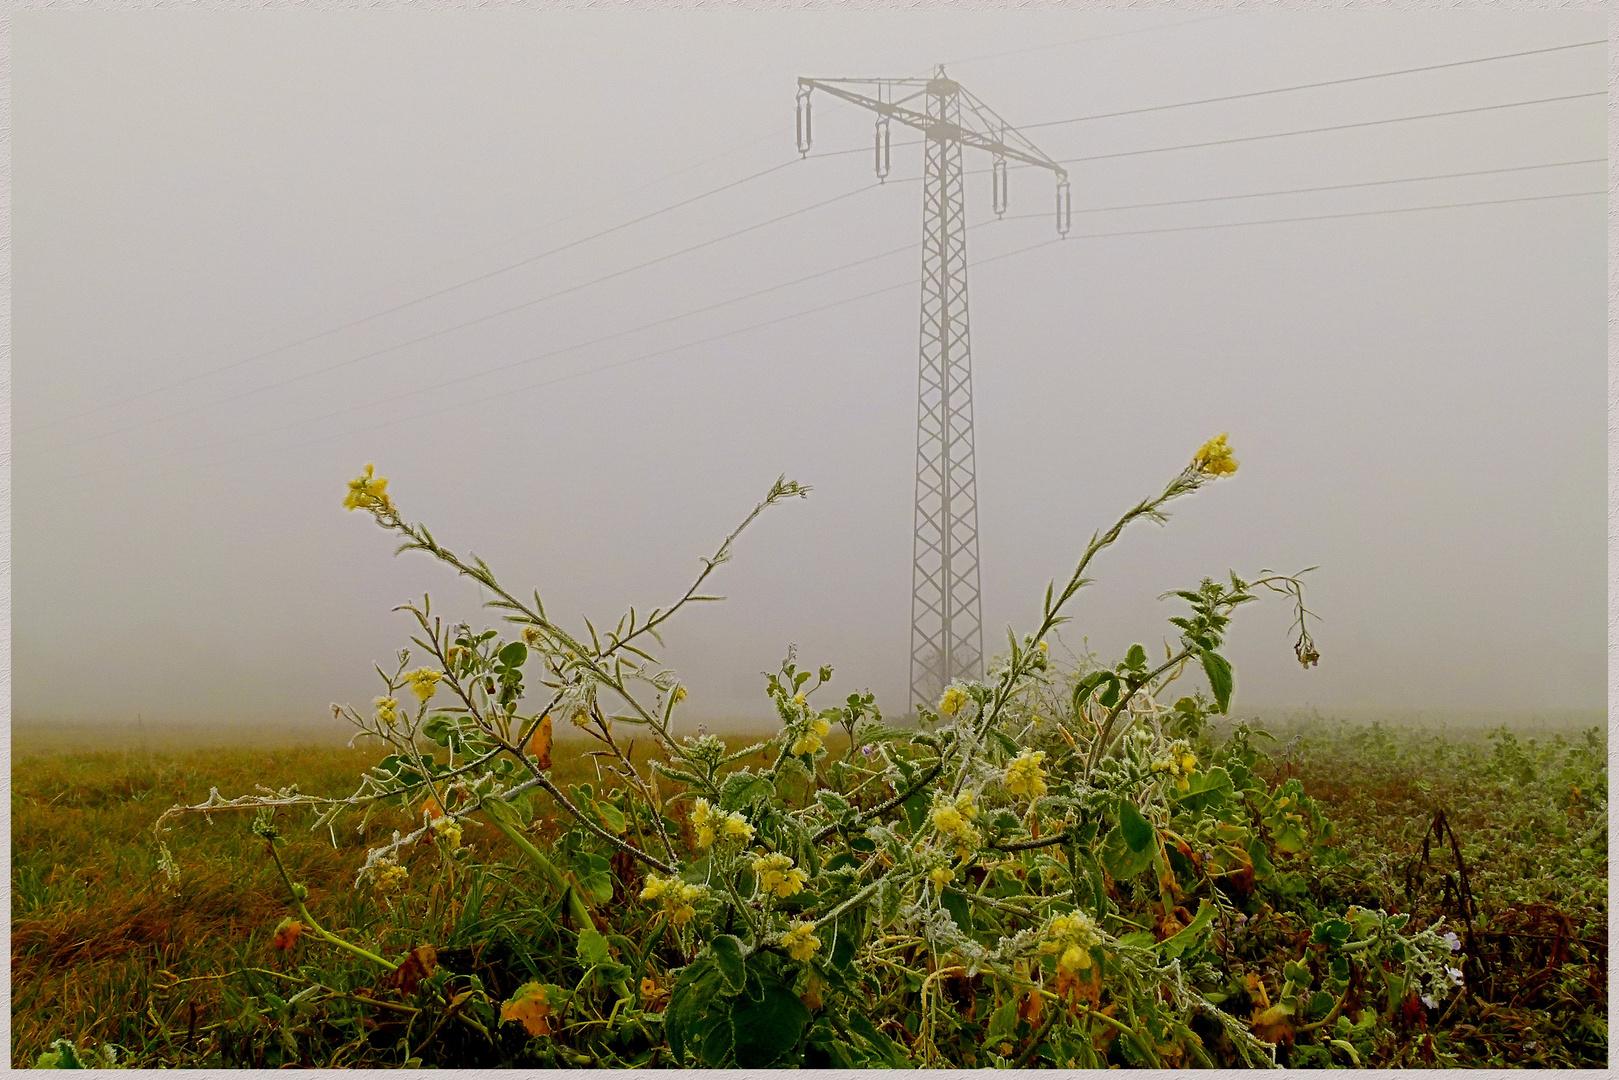 Strommast = als Rankhilfe zu weit entfernt